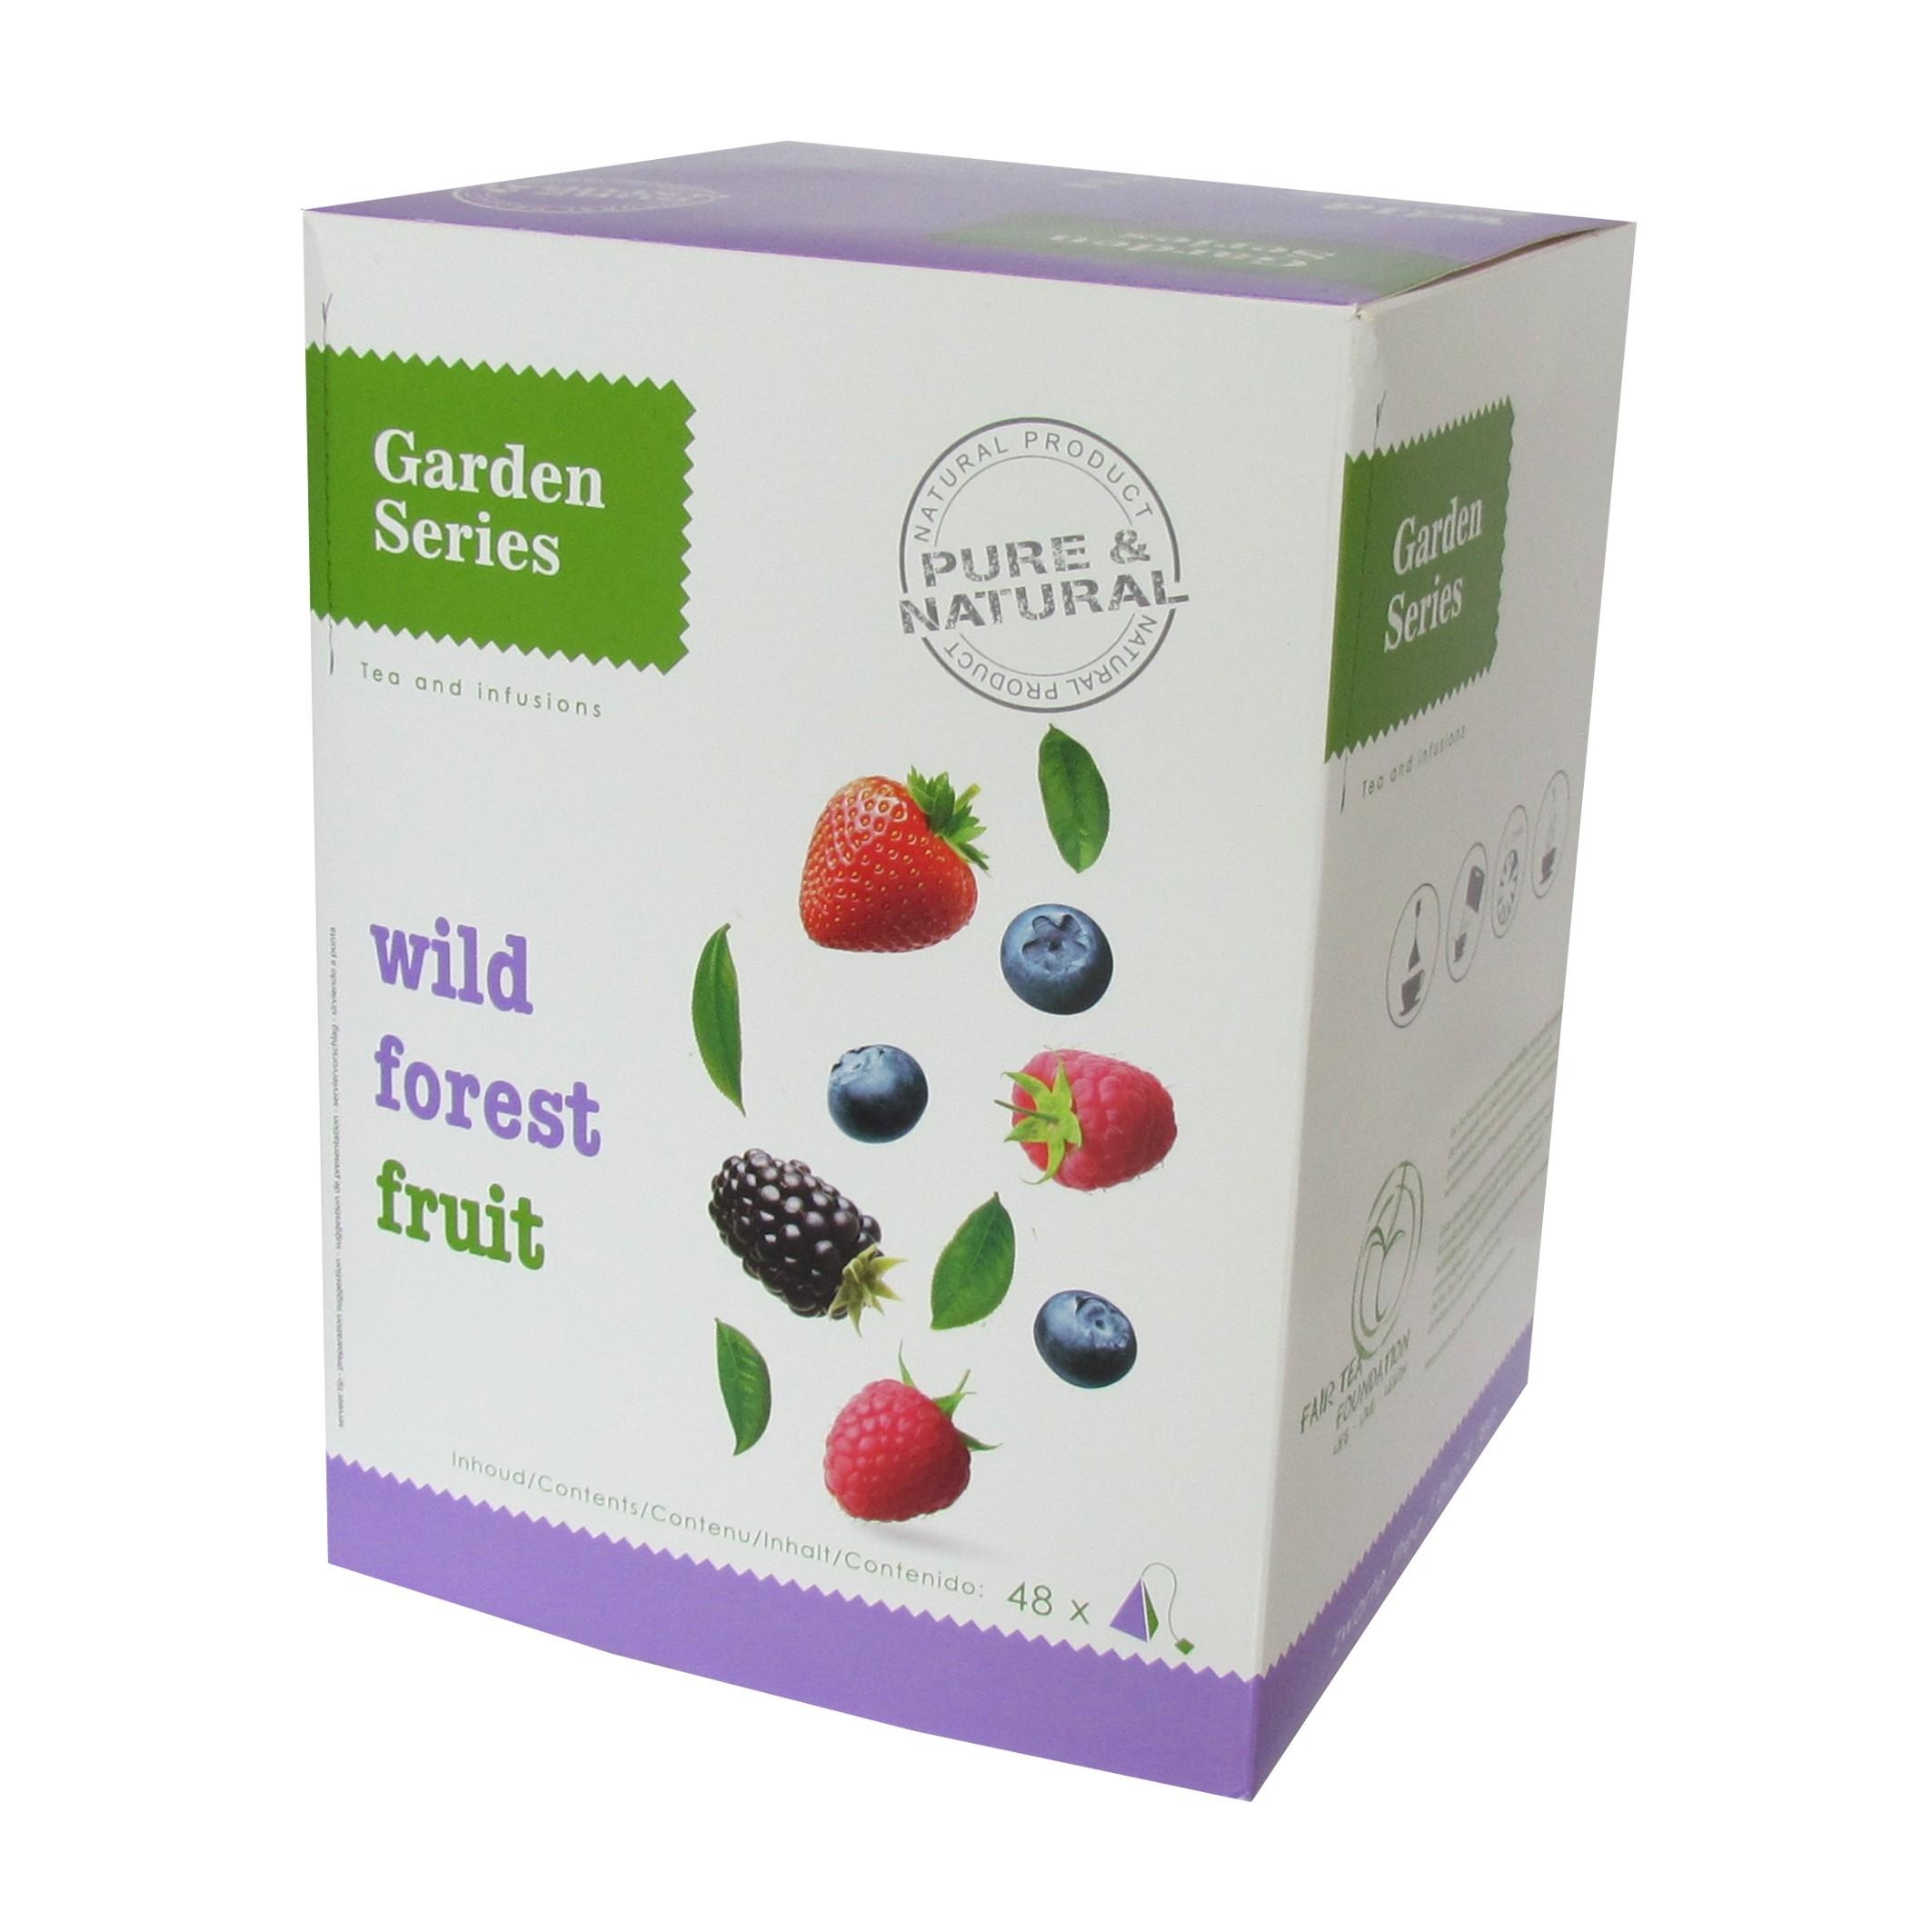 Garden serie Pyramide Wild Forest Fruit